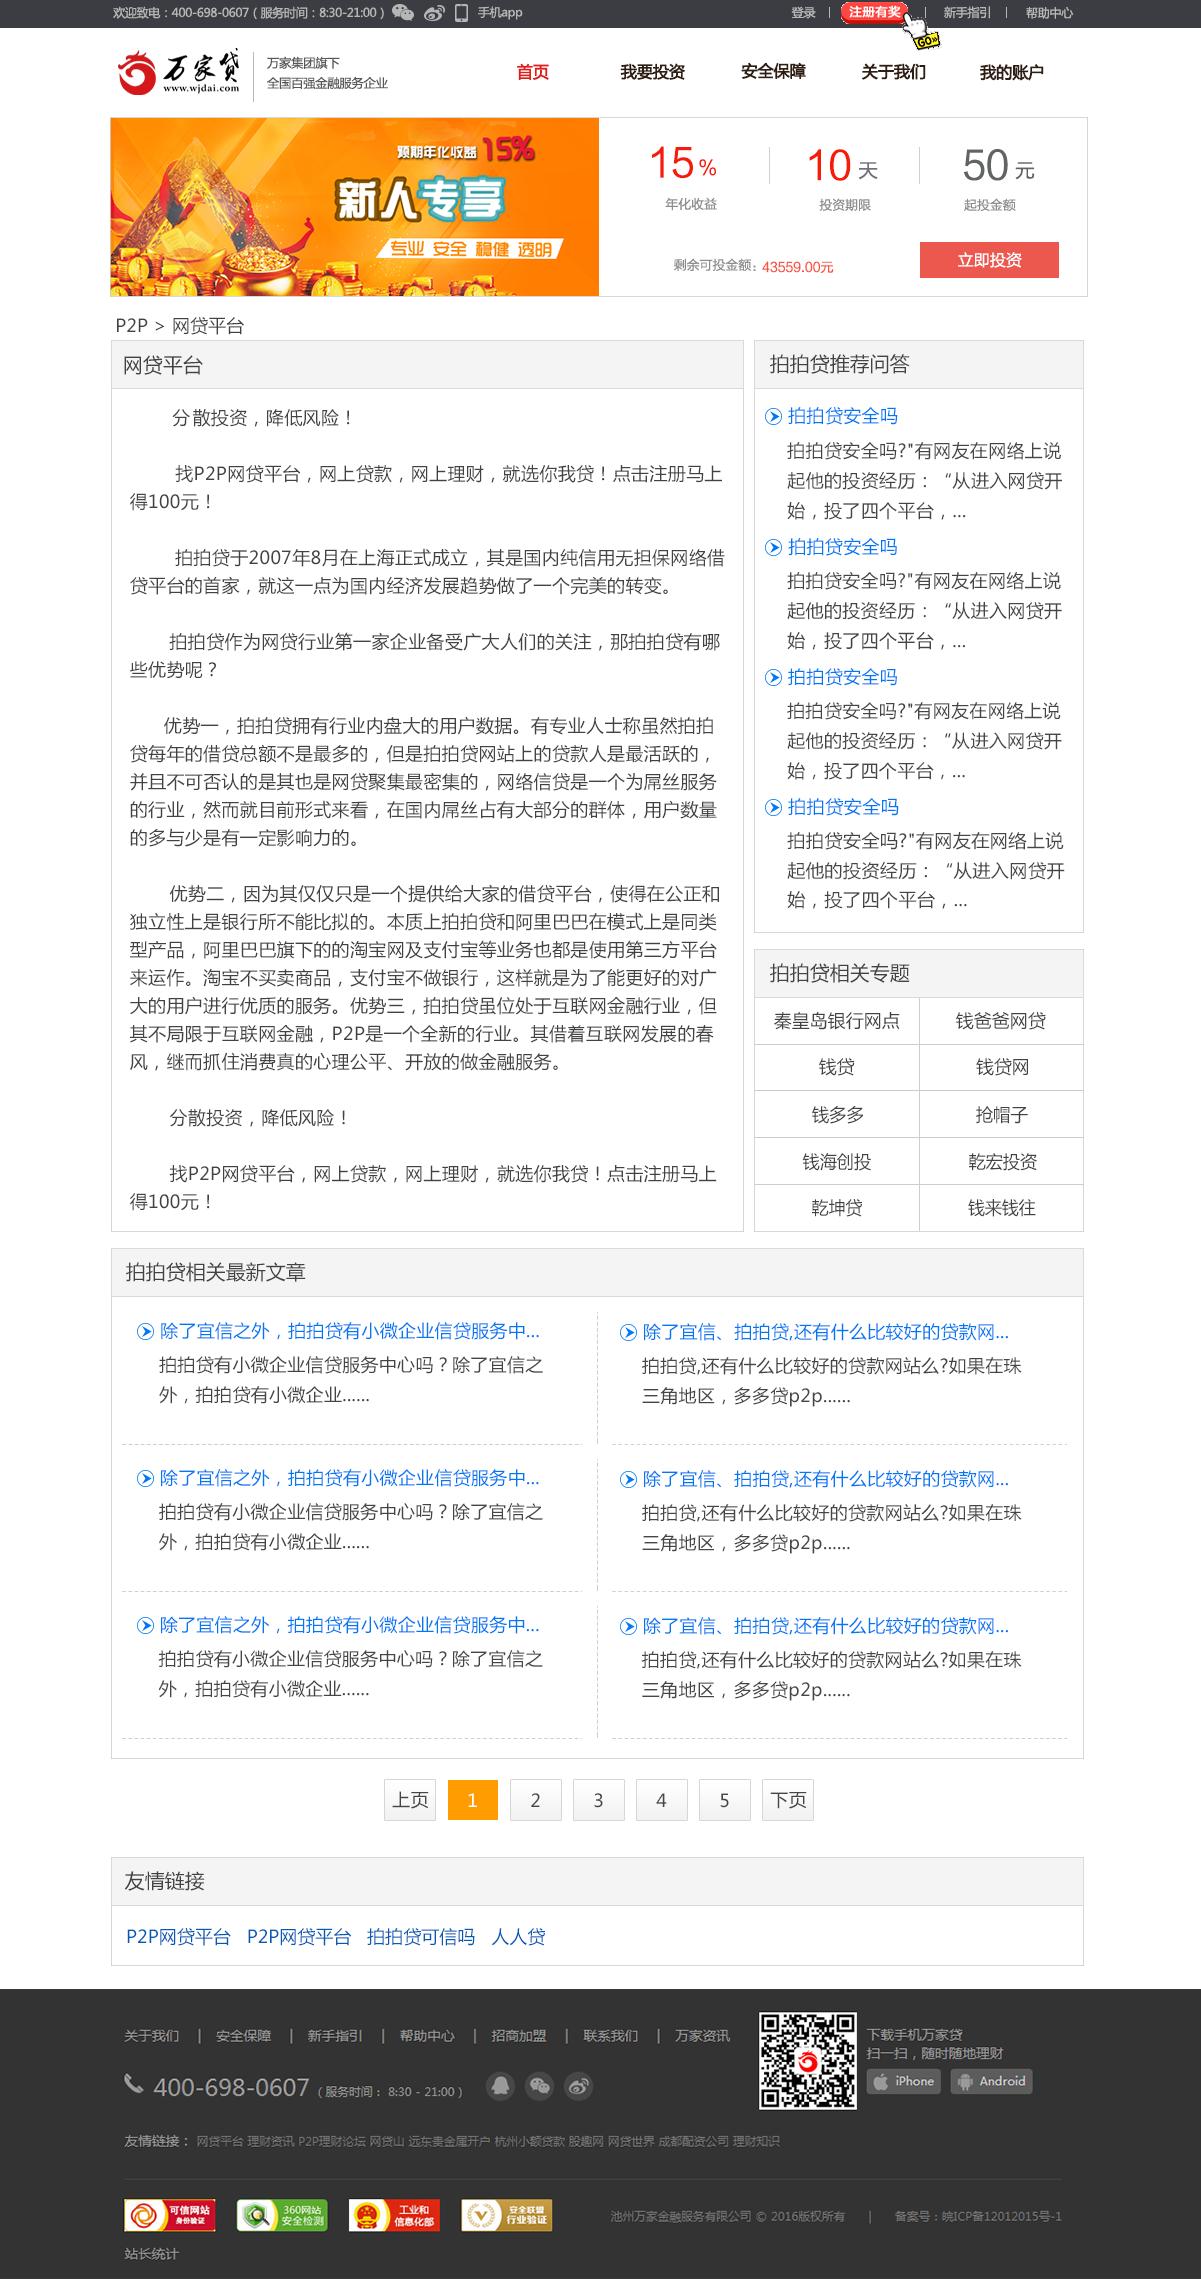 行业页设计,方便专题抄报字体优化,金融网站网爱的手聚合的内容设计图片